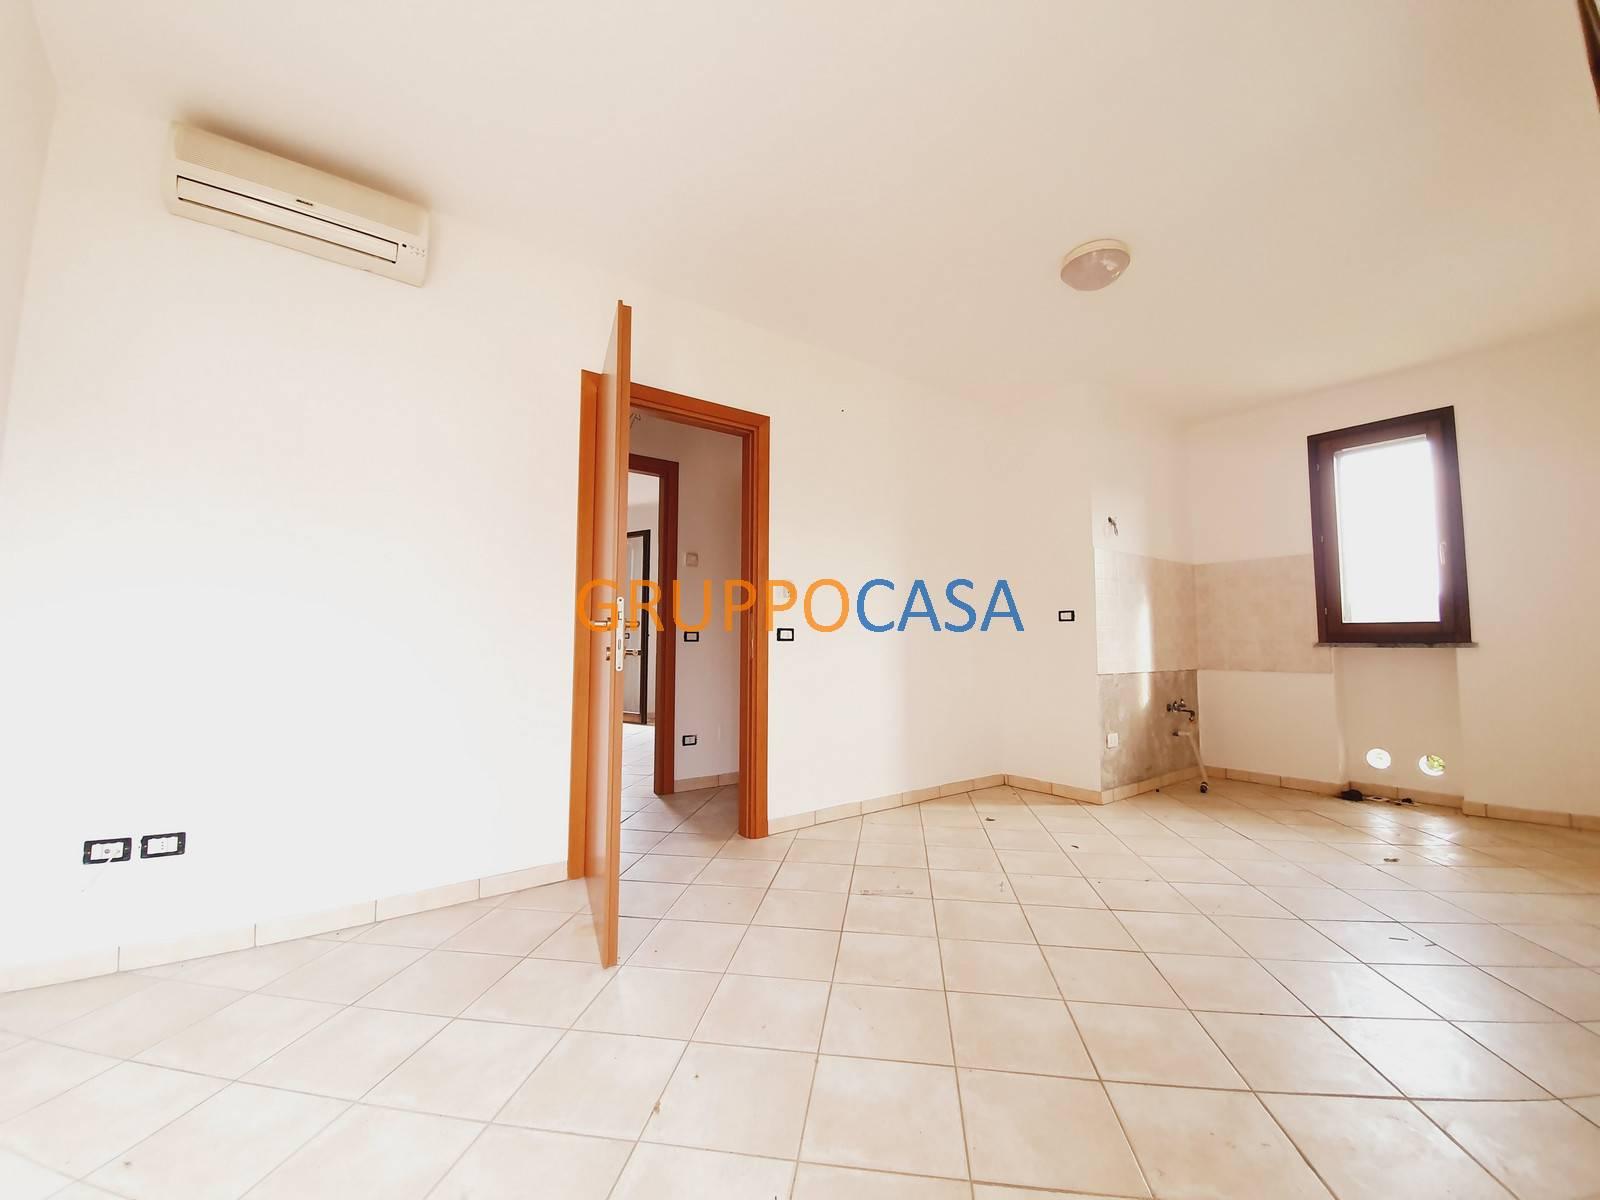 Appartamento in vendita a Castelfranco di Sotto, 3 locali, zona Località: VillaCampanile, prezzo € 130.000 | CambioCasa.it